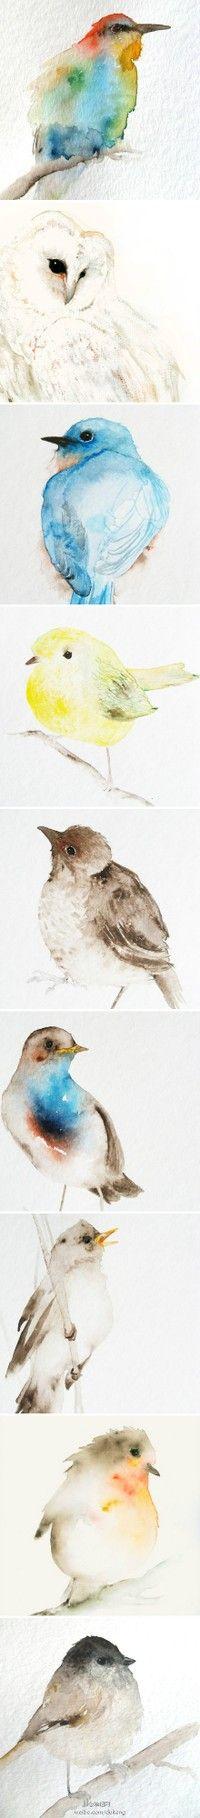 beautiful watercolor birds